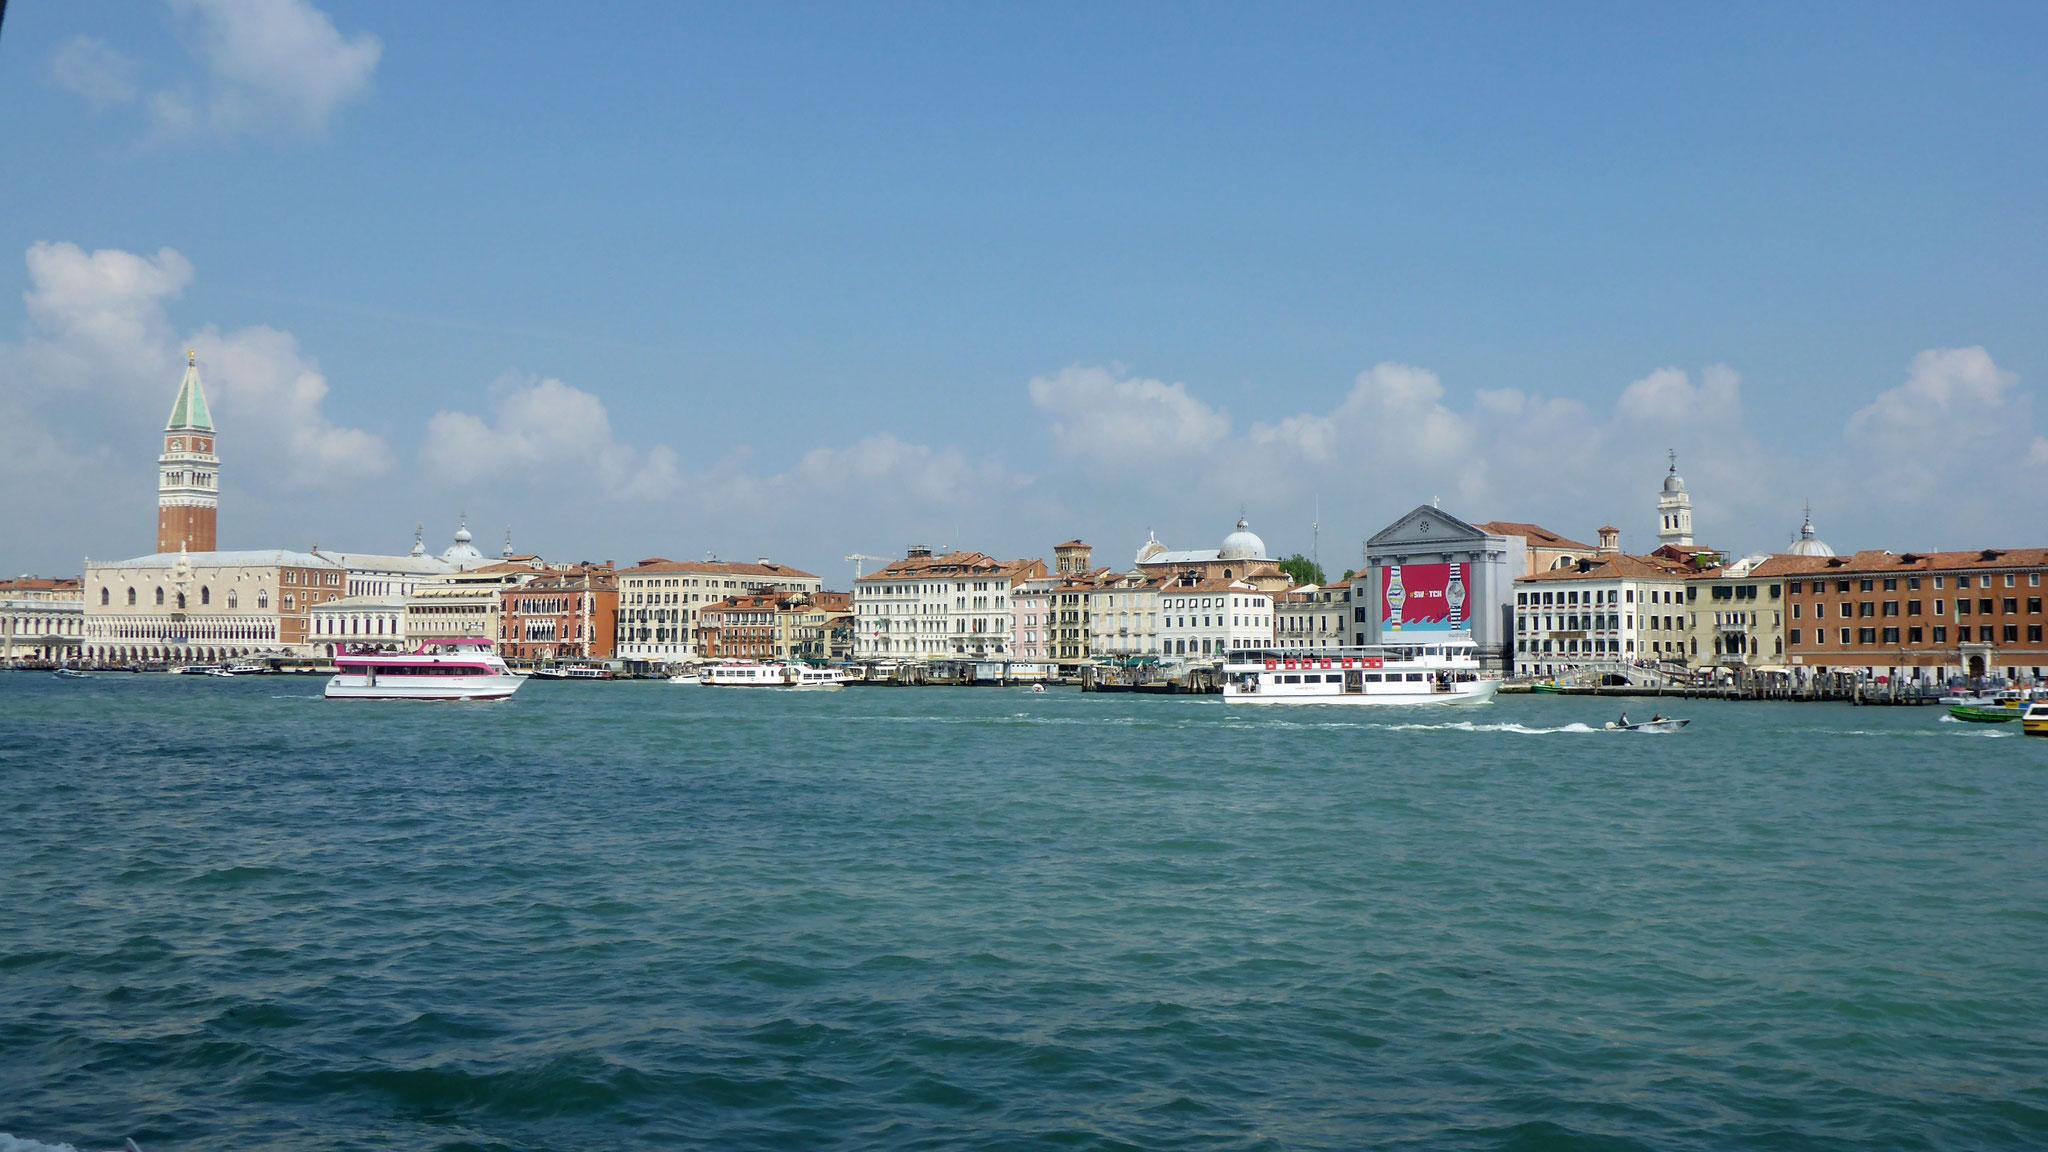 Venezia in Sicht.